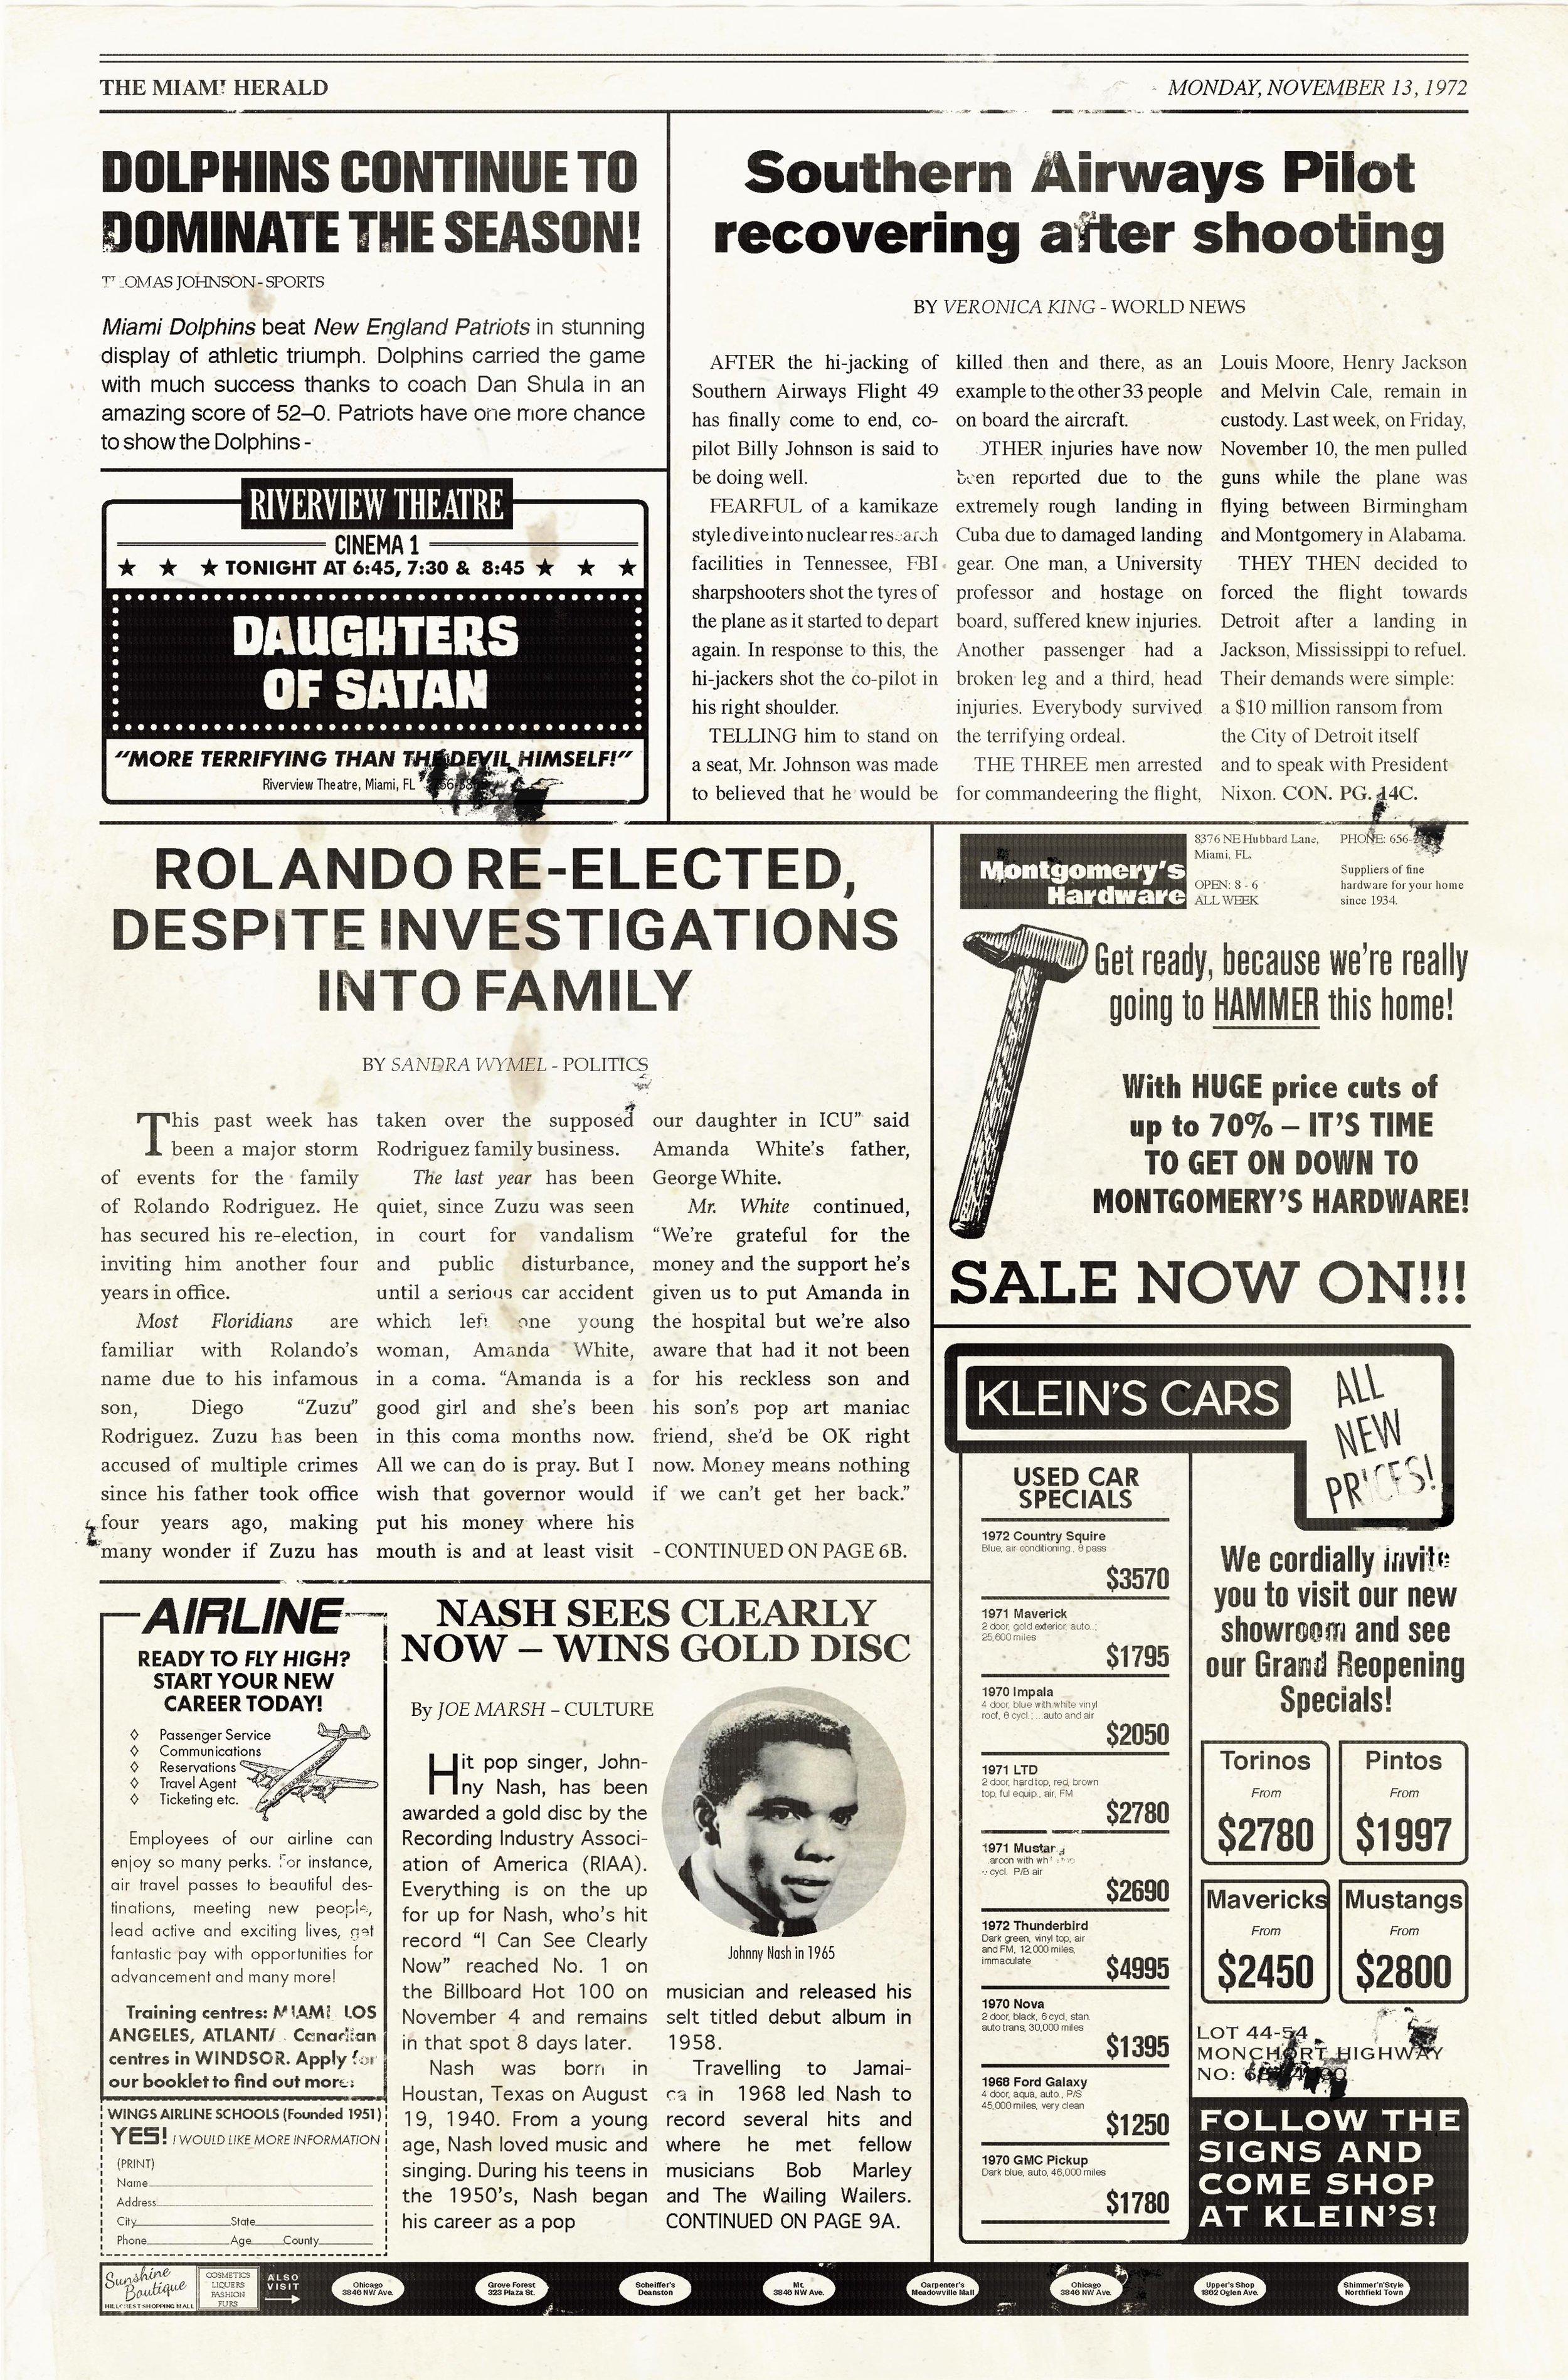 Newspaper11_2.jpg